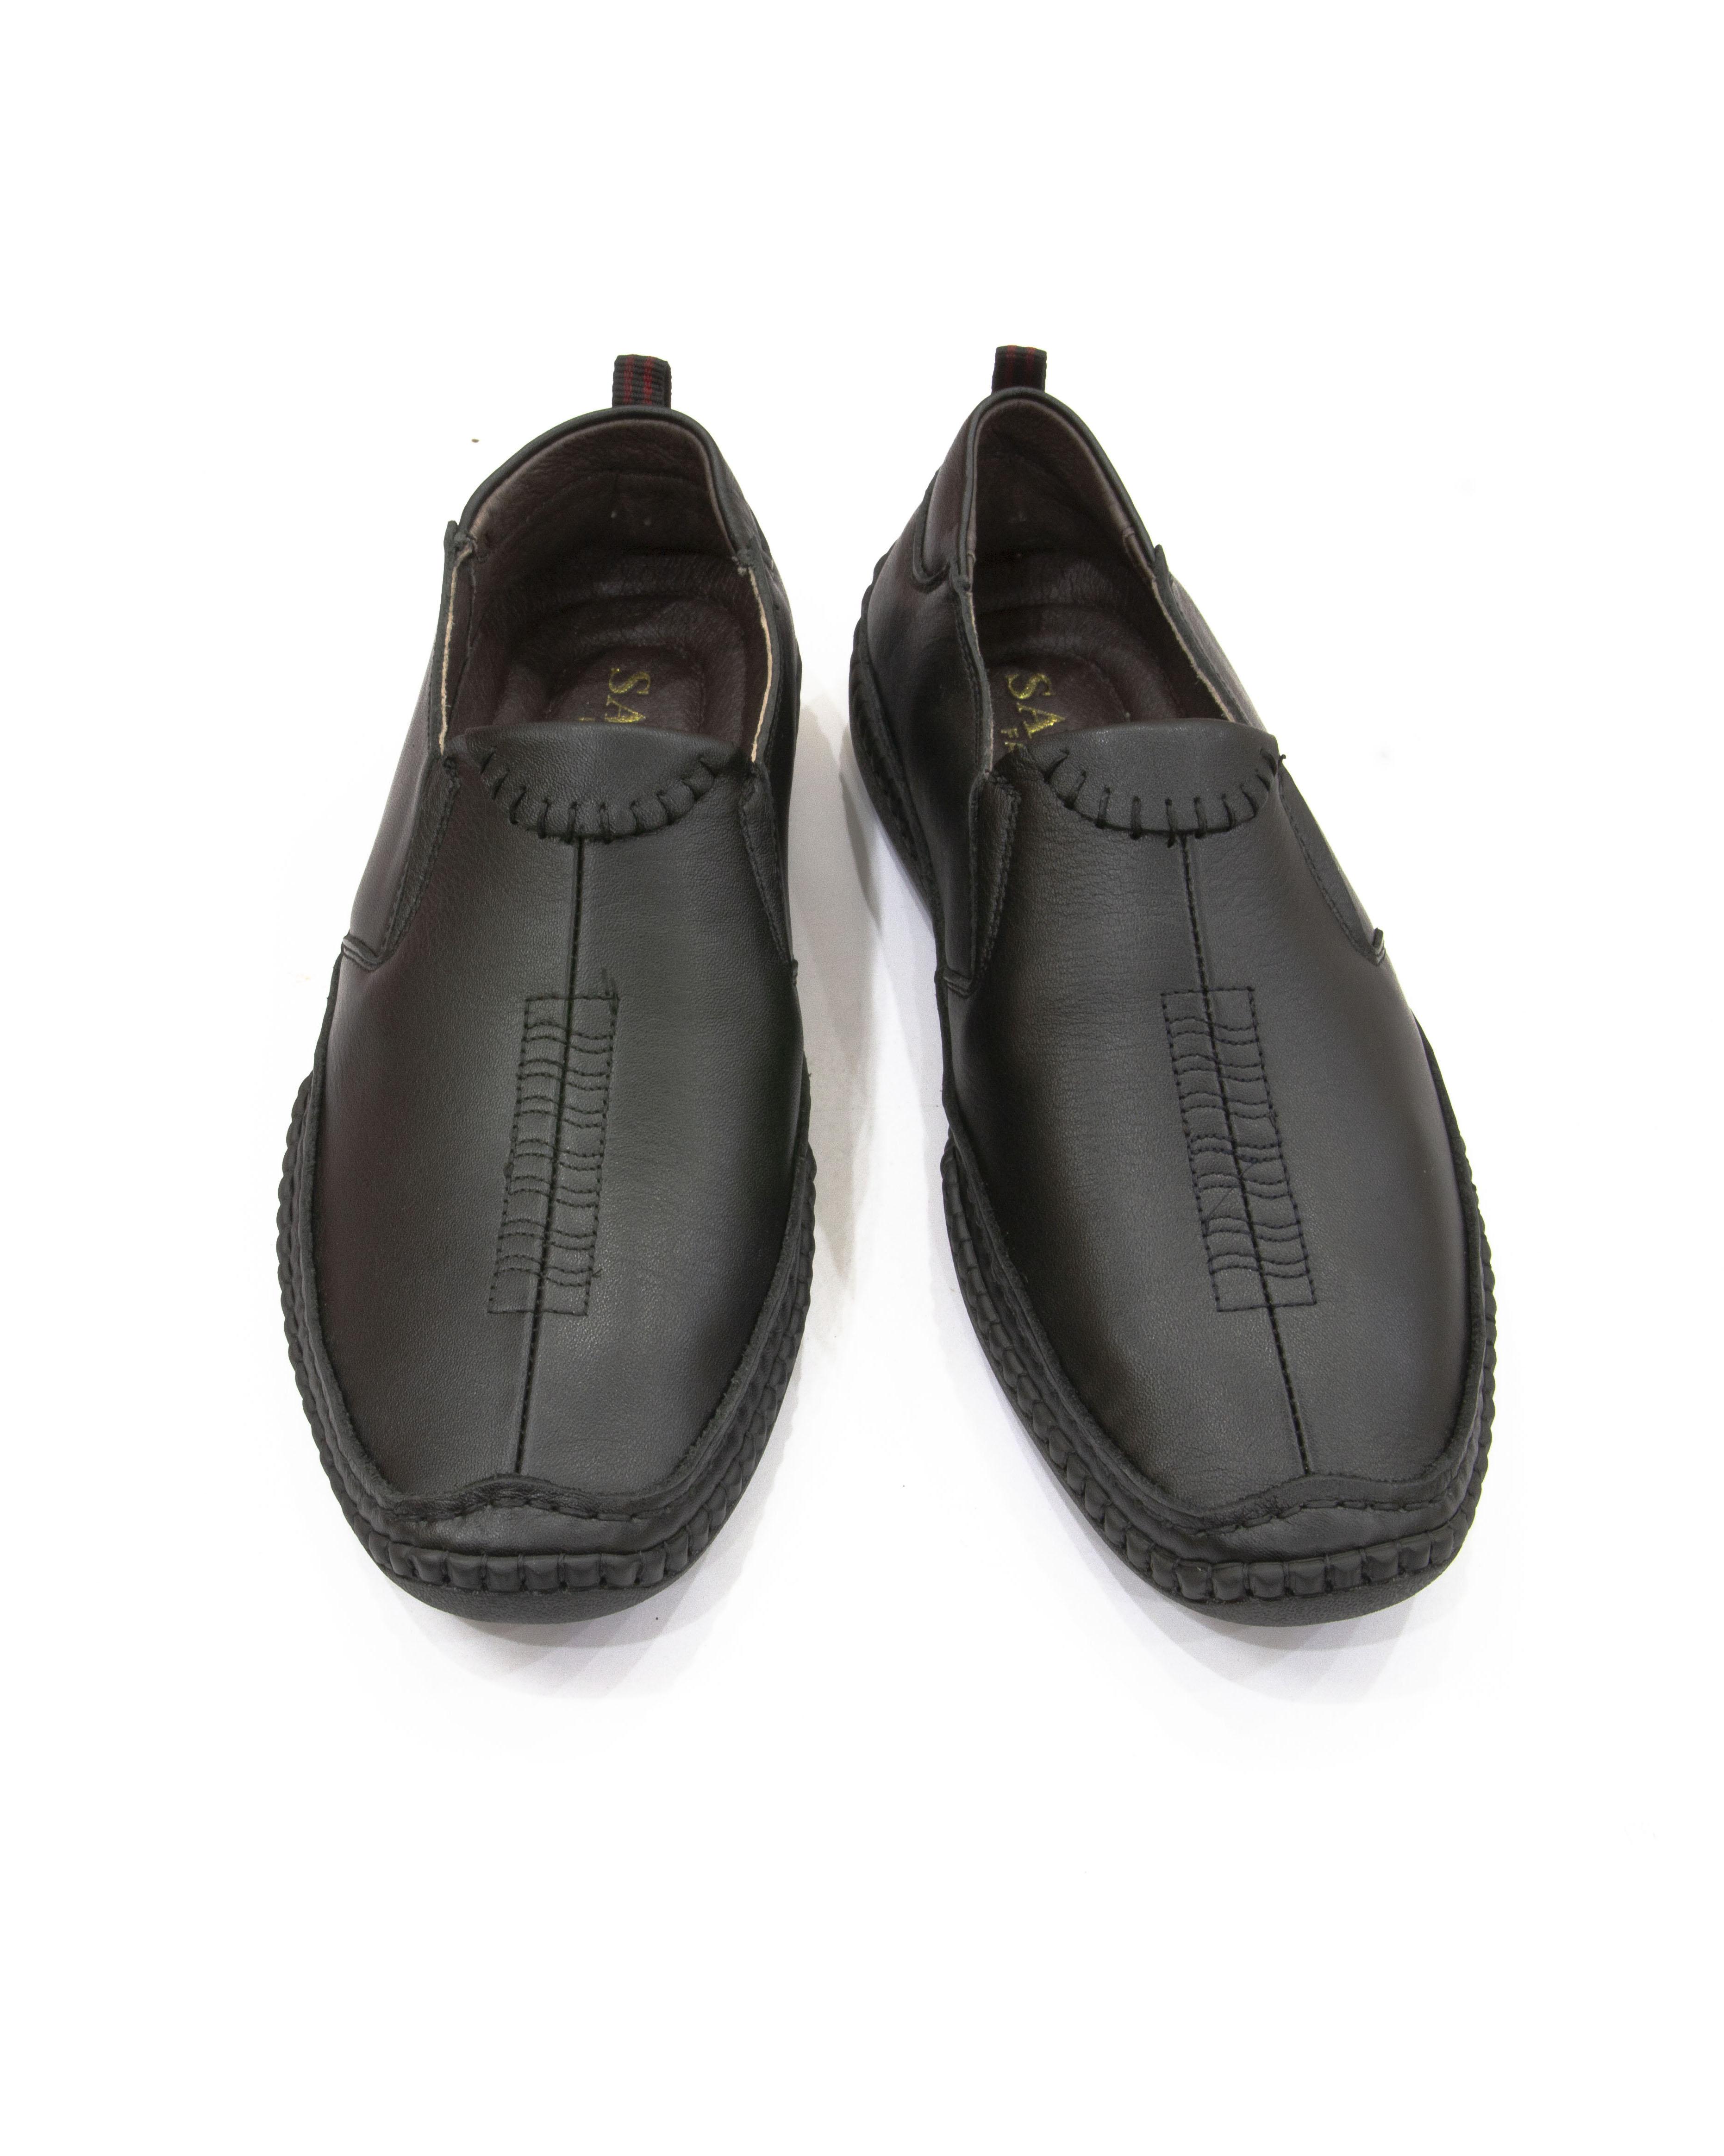 Giày lười da nam cao cấp, đế cao su nguyên chất GD01